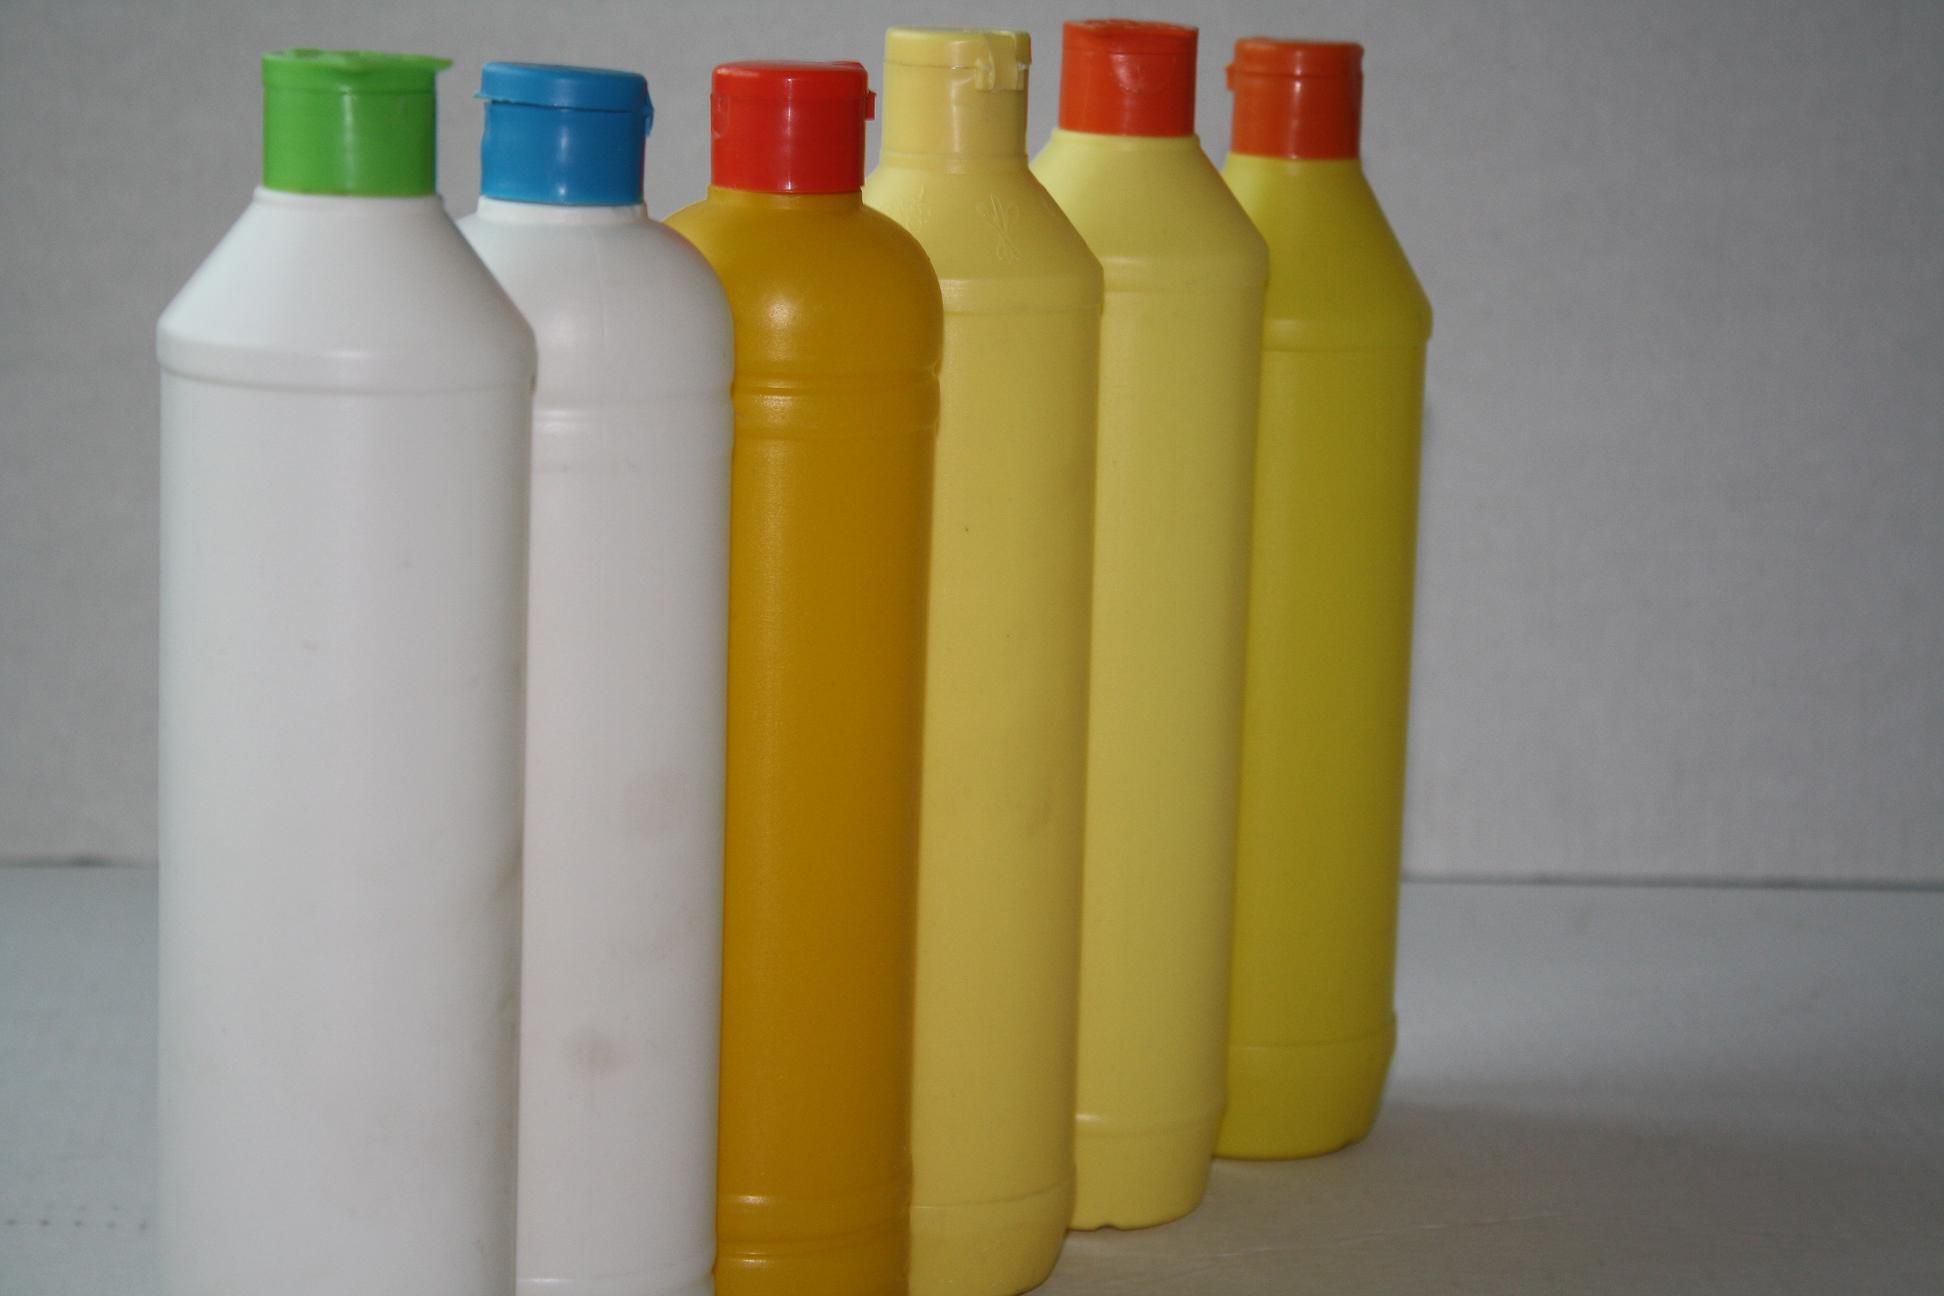 东莞市三德塑胶制品有限公司         供应pet瓶,优质矿泉水瓶图片